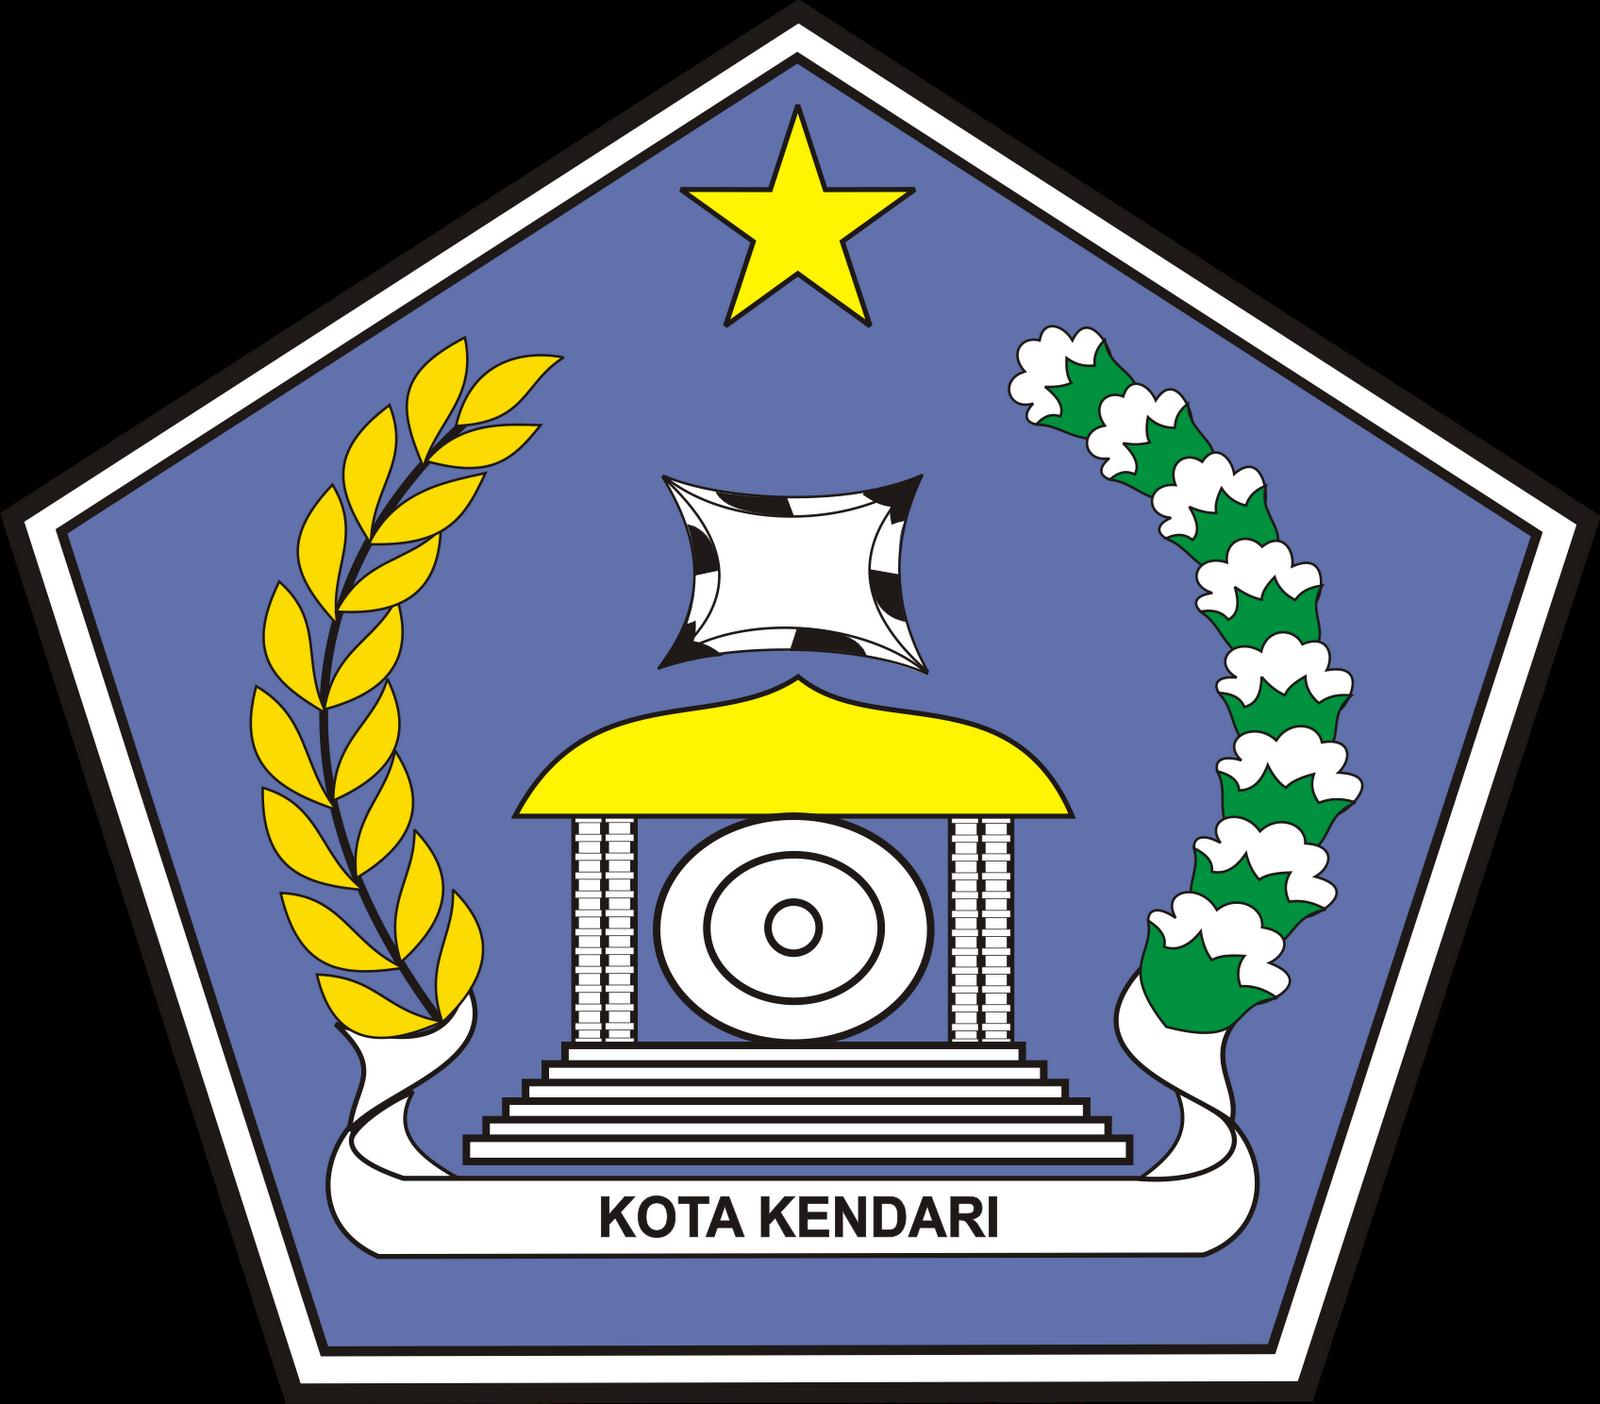 Logo Kabupaten Kota Logo Kota Kendari Sulawesi Tenggara